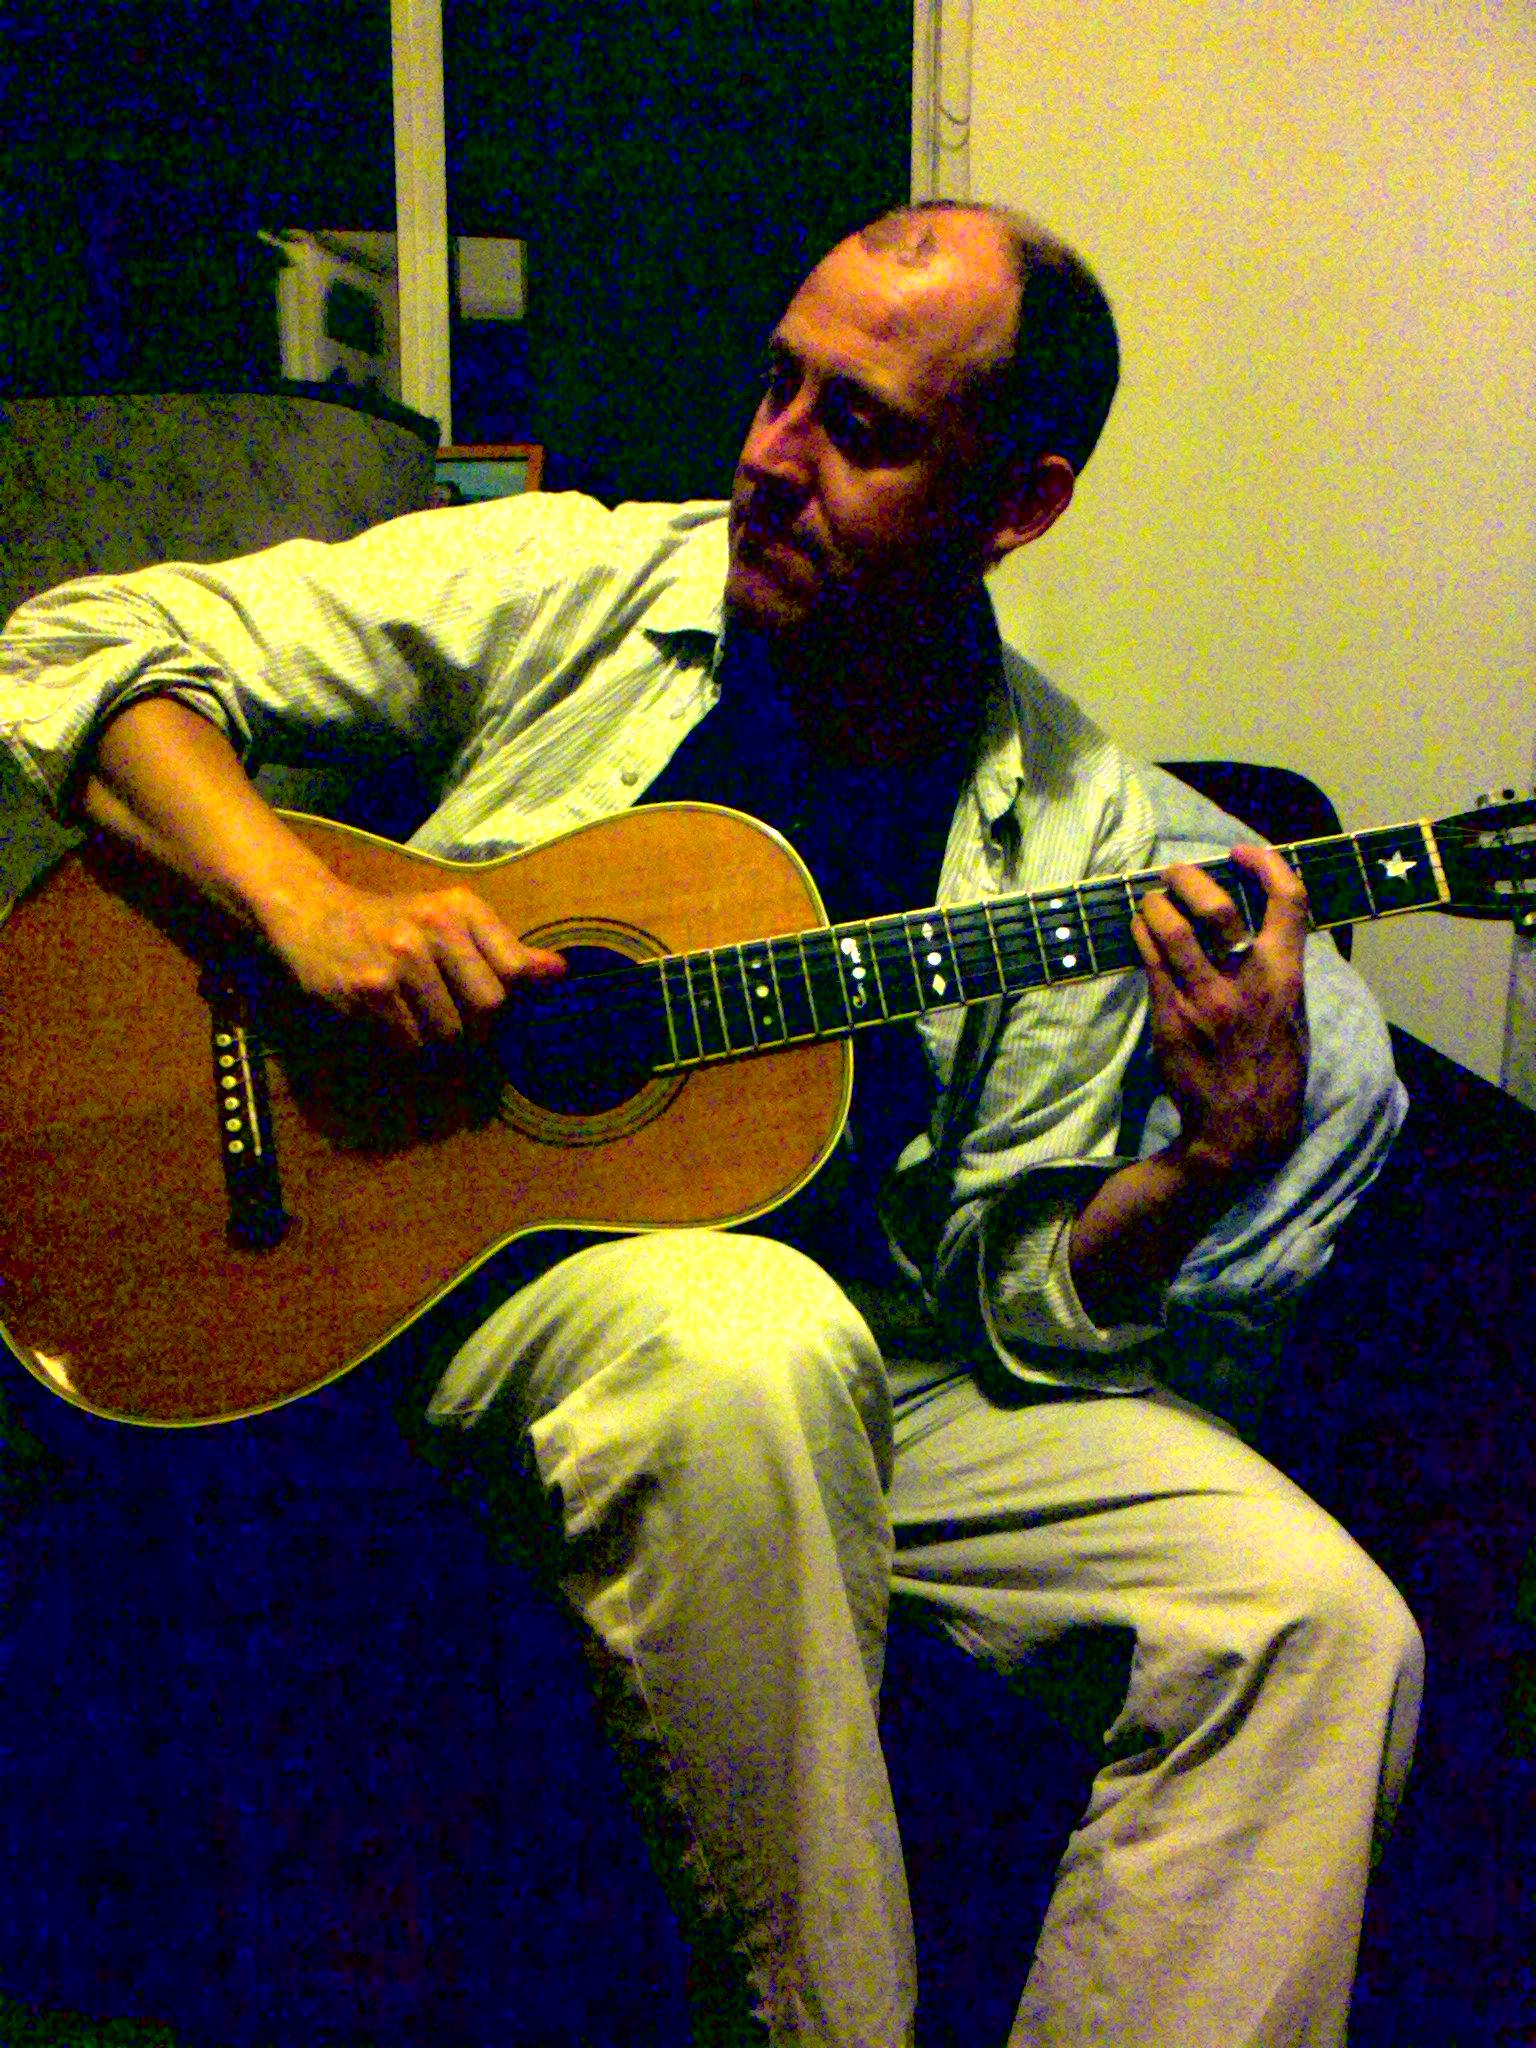 Dean plays acoustic guitar